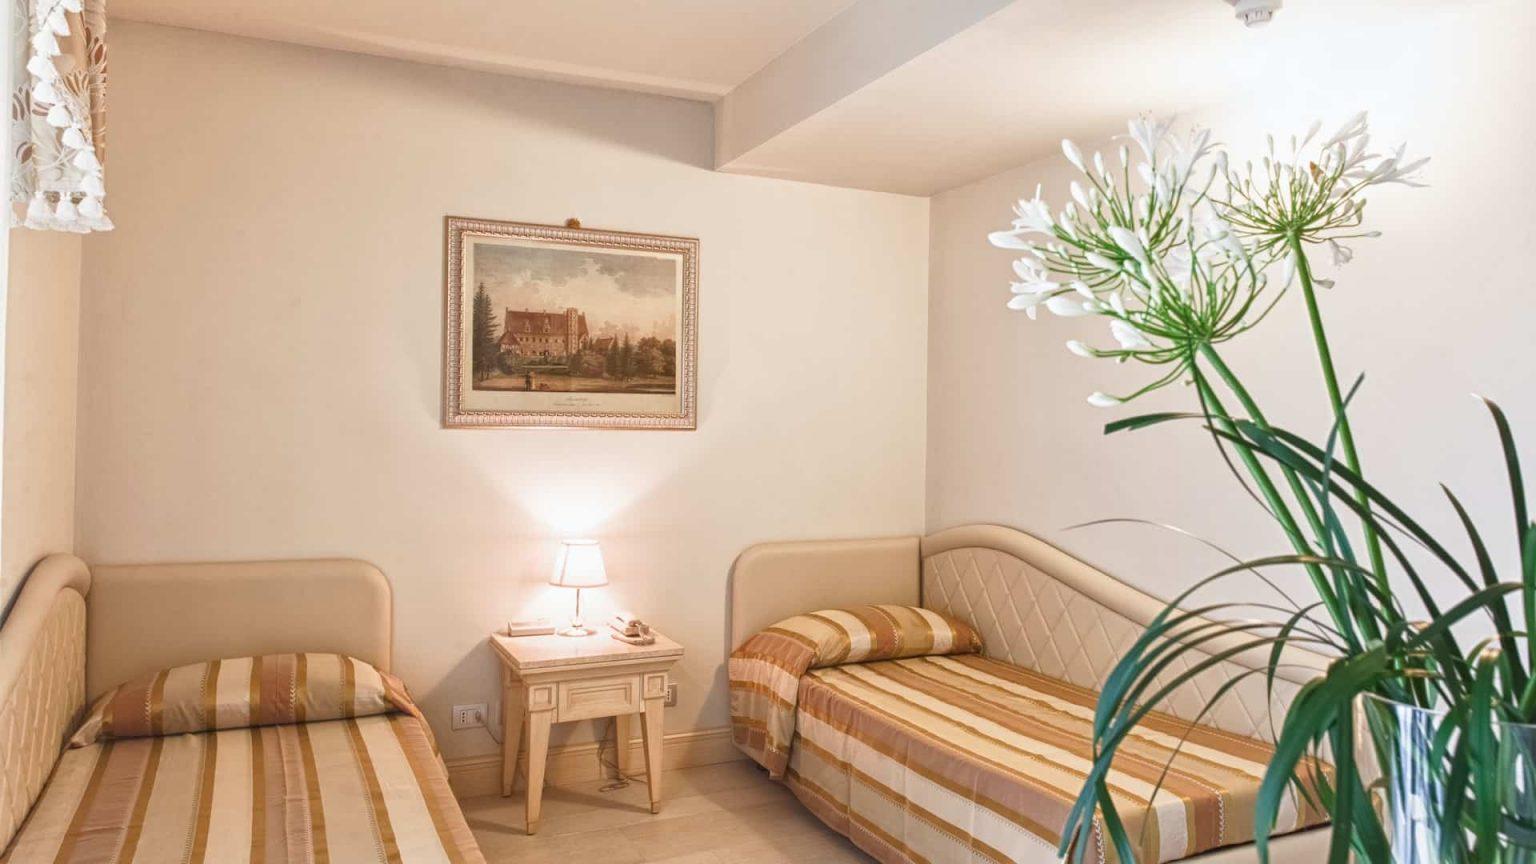 Camera family con due letti singoli e vaso di fiori